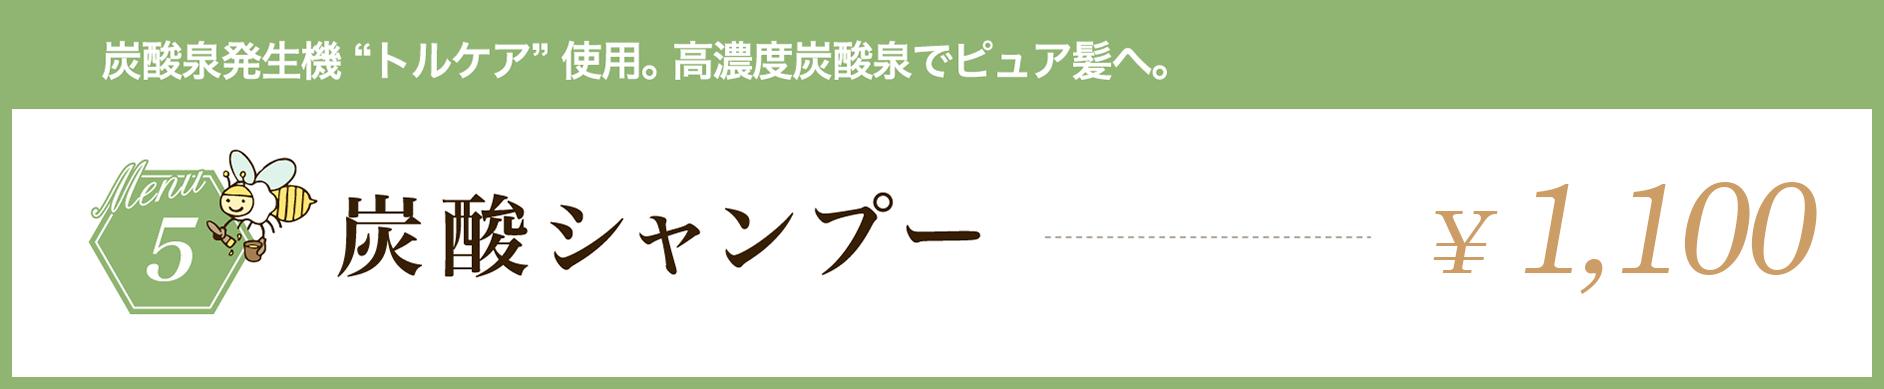 """炭酸泉発生機""""トルケア""""使用。高濃度炭酸泉でピュア髪へ。炭酸シャンプー¥1,000"""